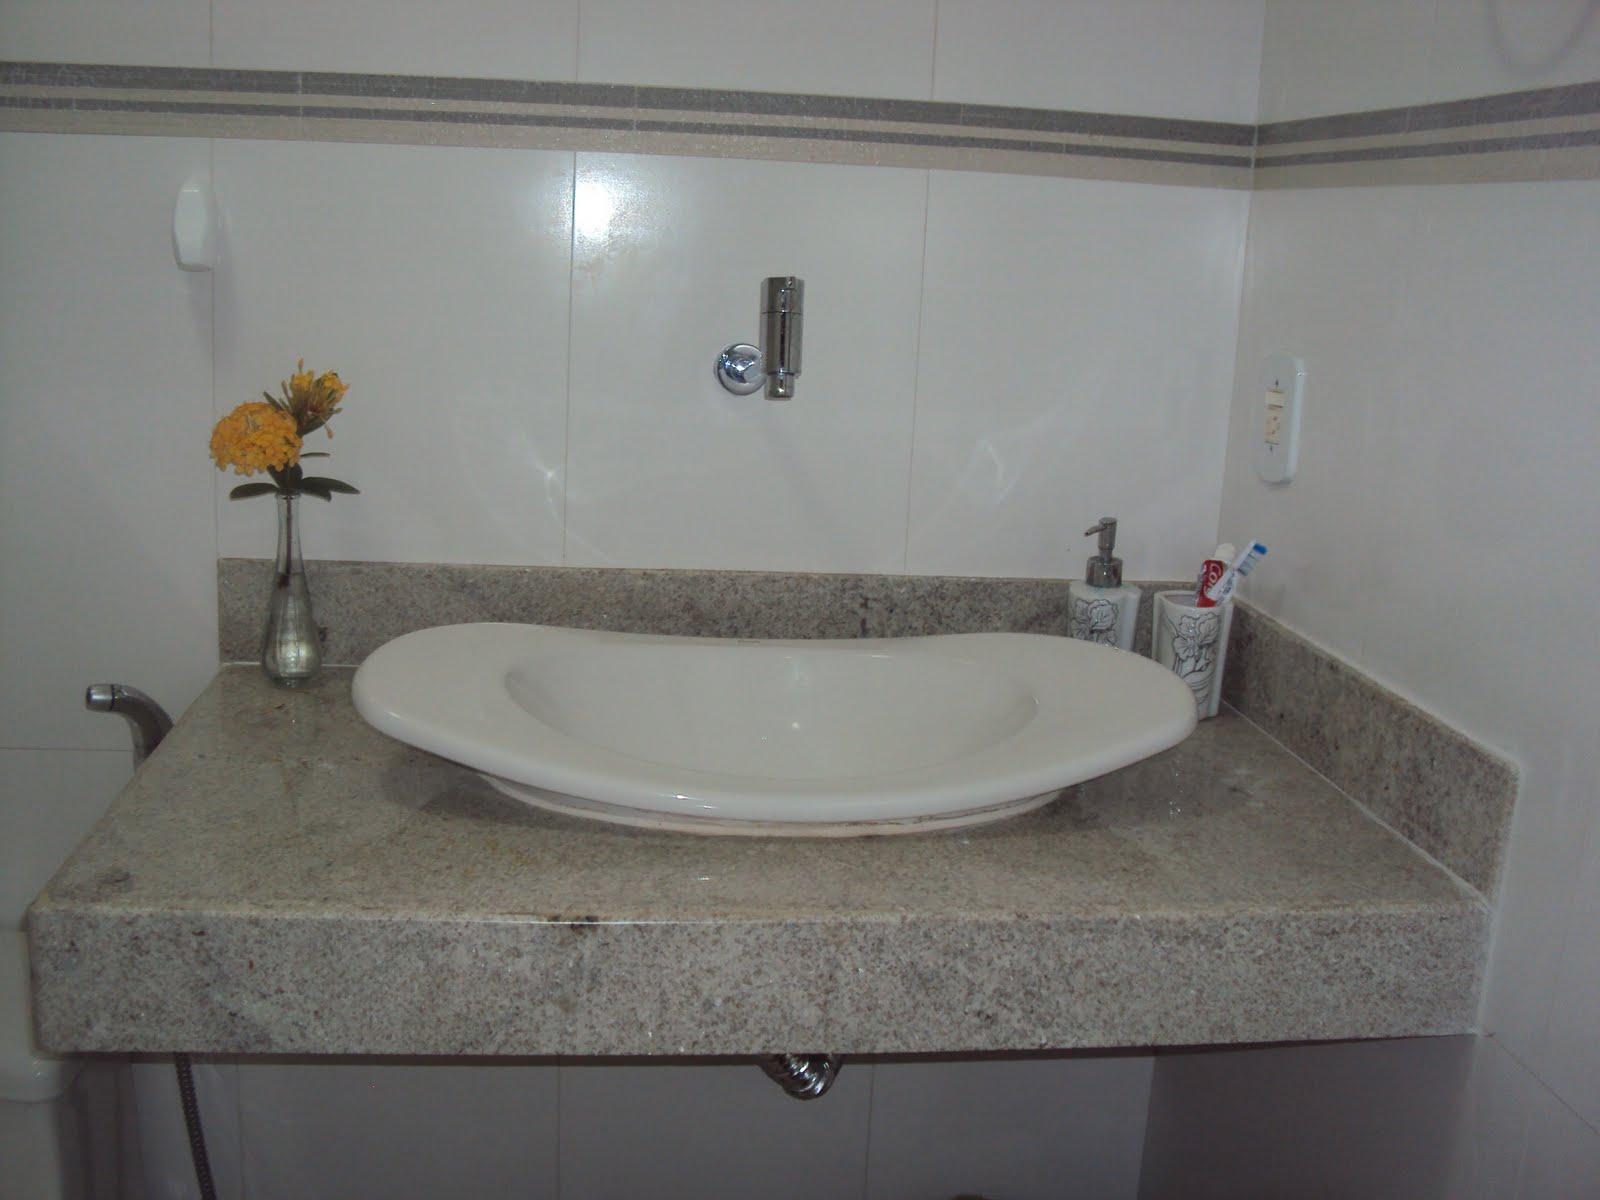 bancada a cuba e o vasinho com a florzinha pra mimar o banheiro rs #5B6E70 1600 1200